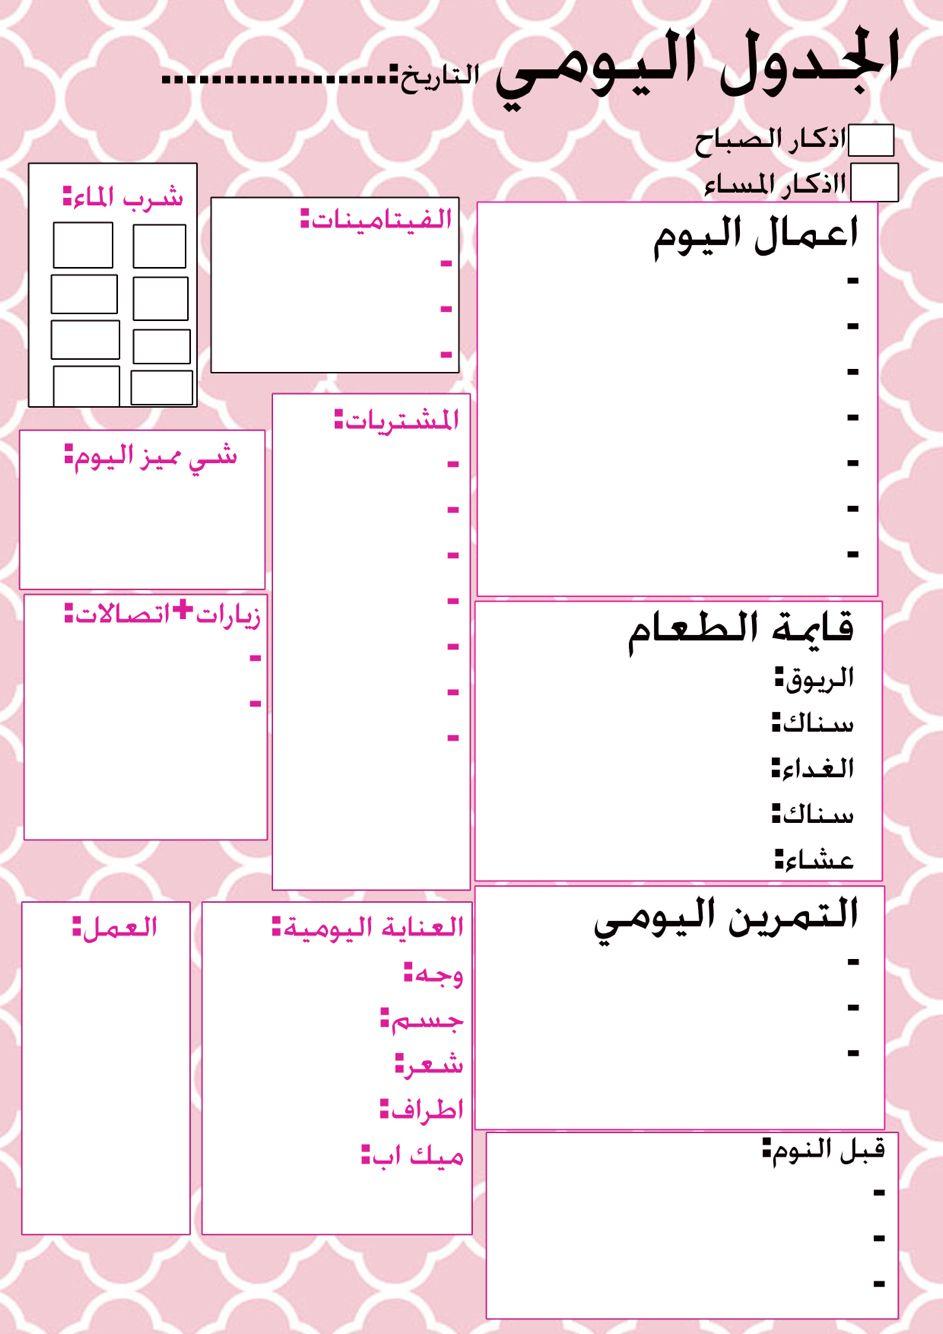 جدول تنظيم يومي من تصميمي يساعد على تادية المهام اليومية